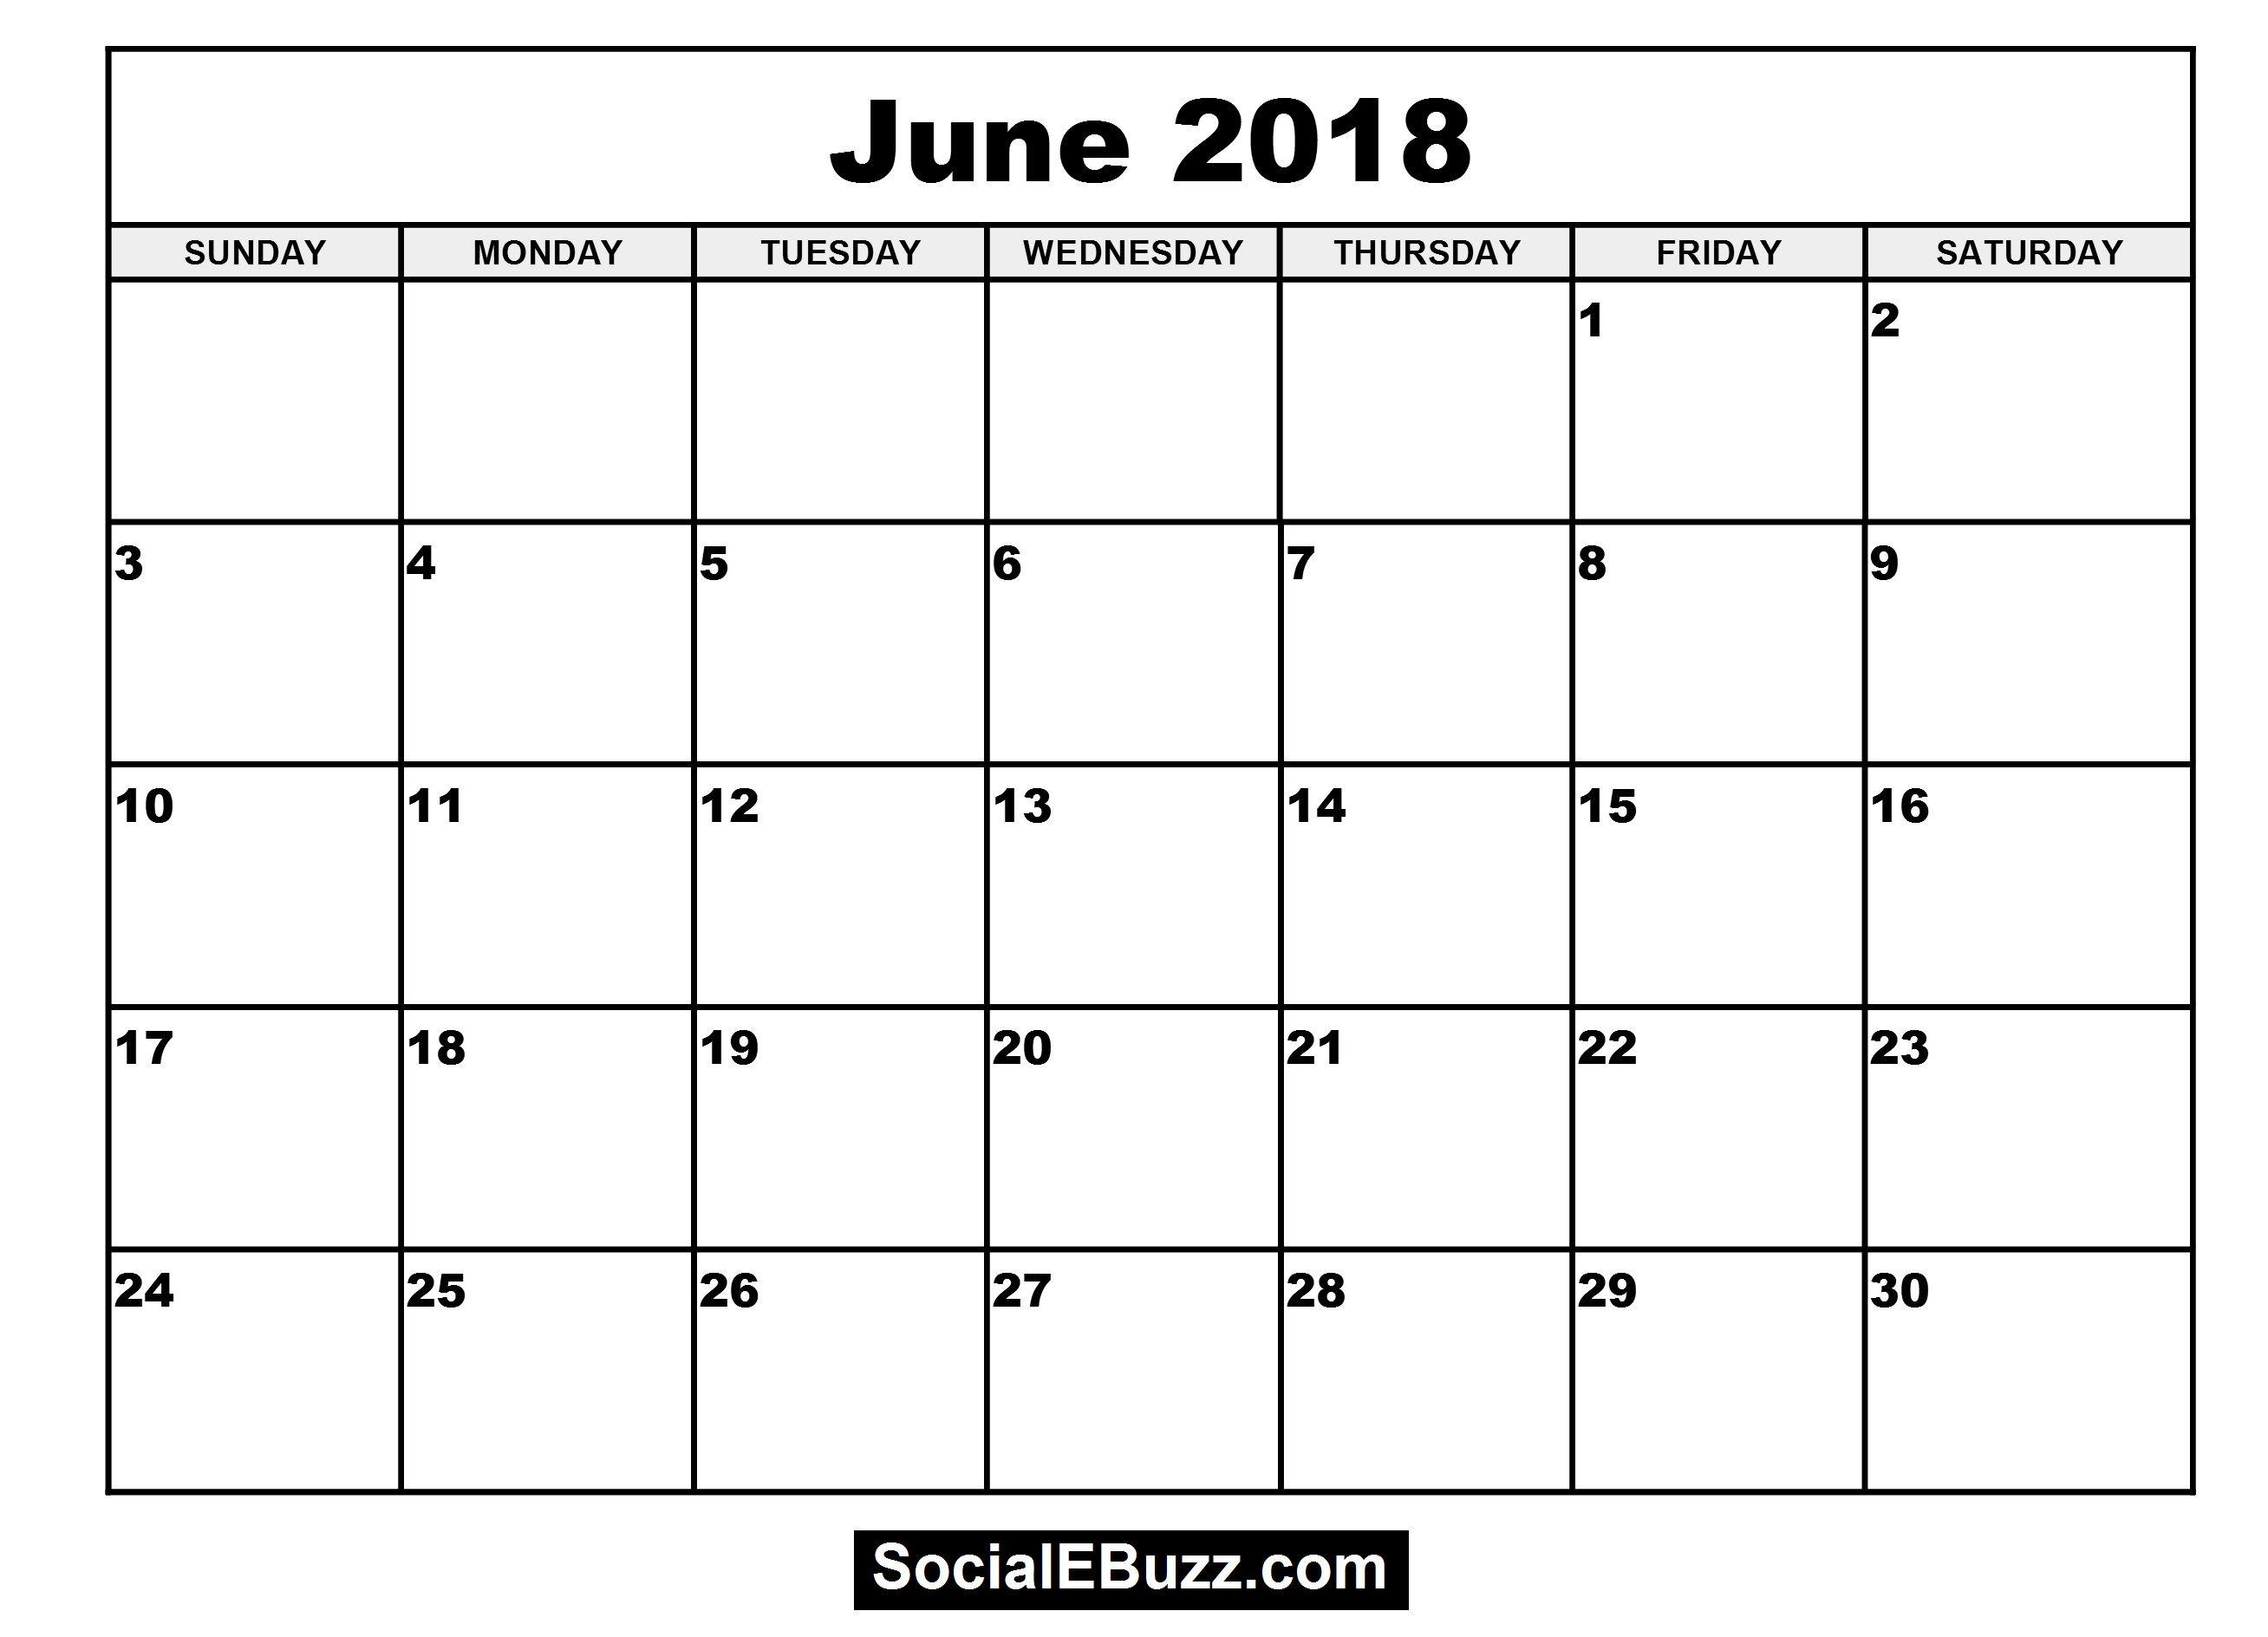 June 2018 Calendar Printable Template, June Calendar 2018, June ...